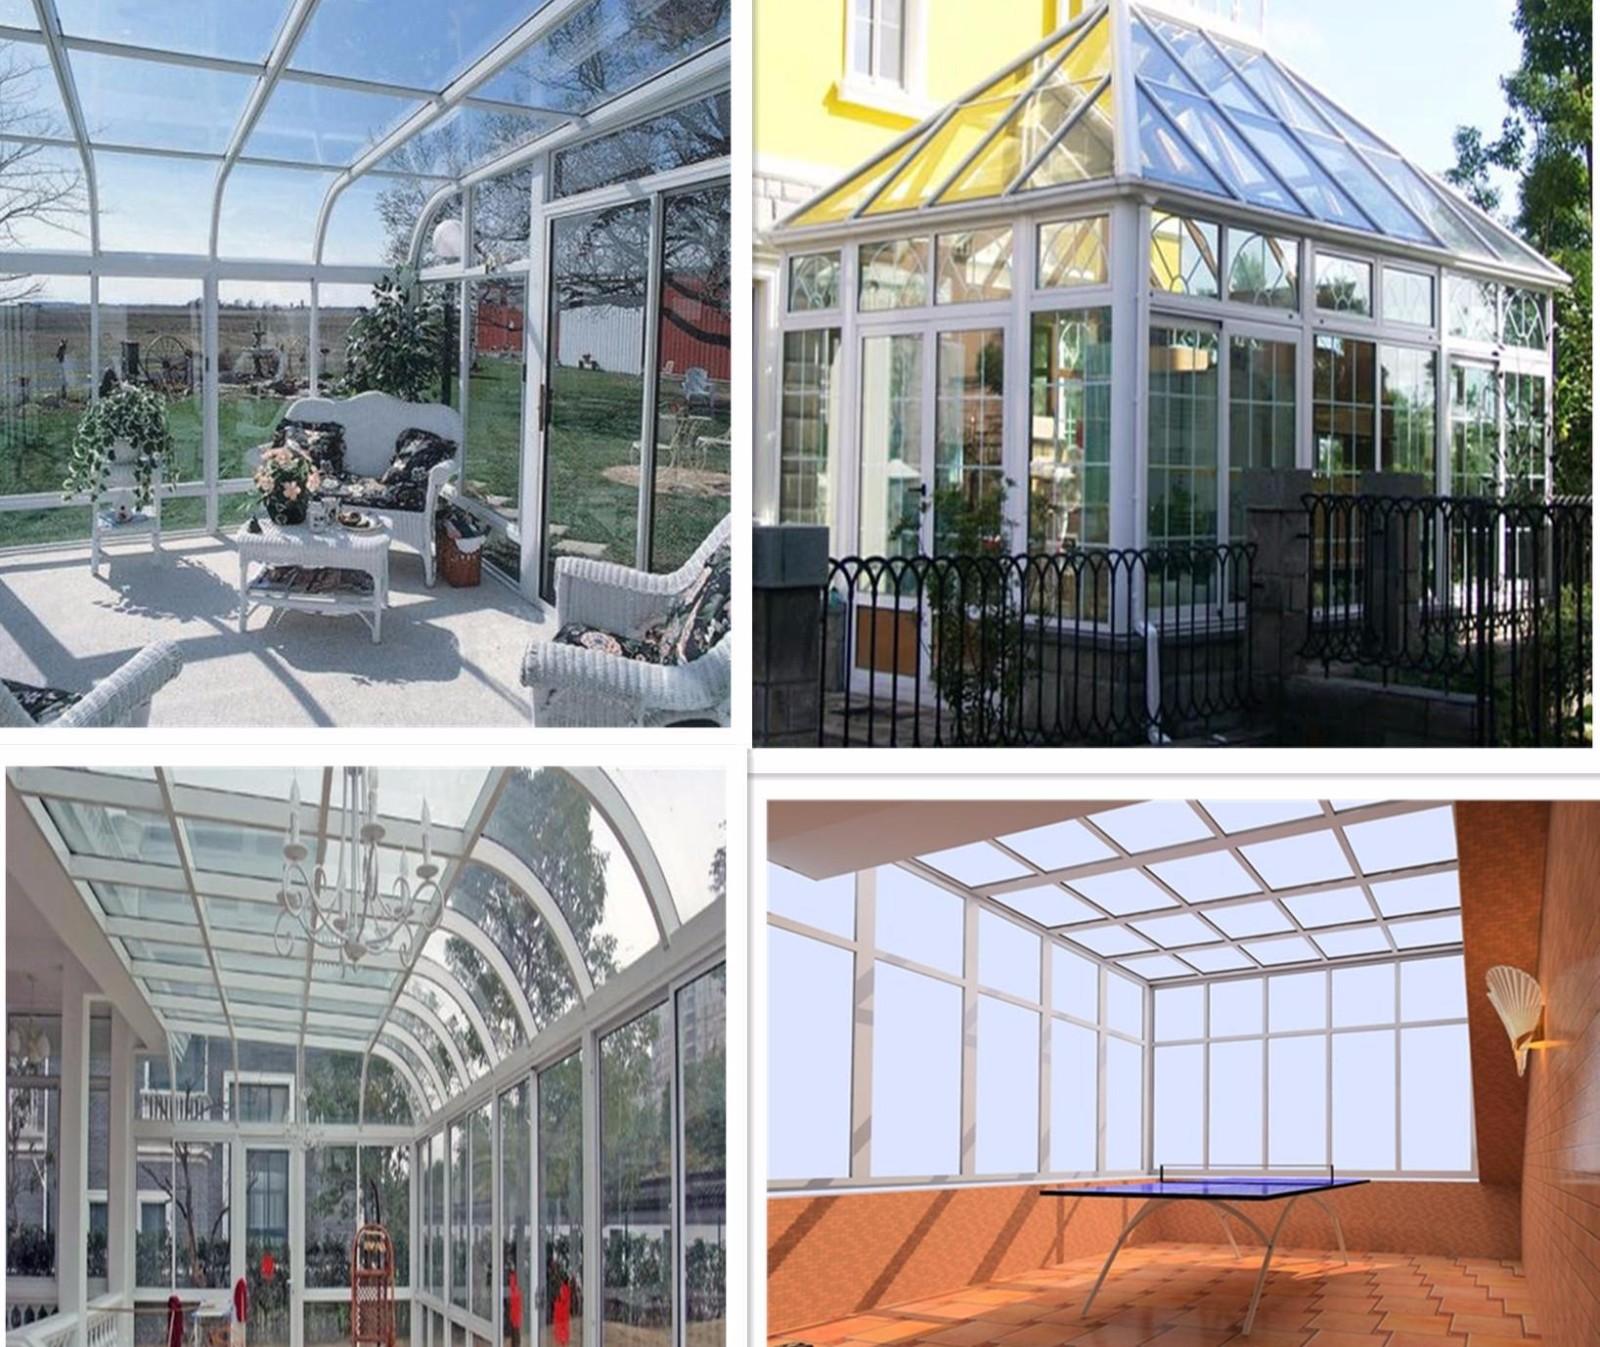 钢结构:磁漆方钢,喷塑方钢,不锈钢,塑钢框架 阳光顶:钢化玻璃,钢化中